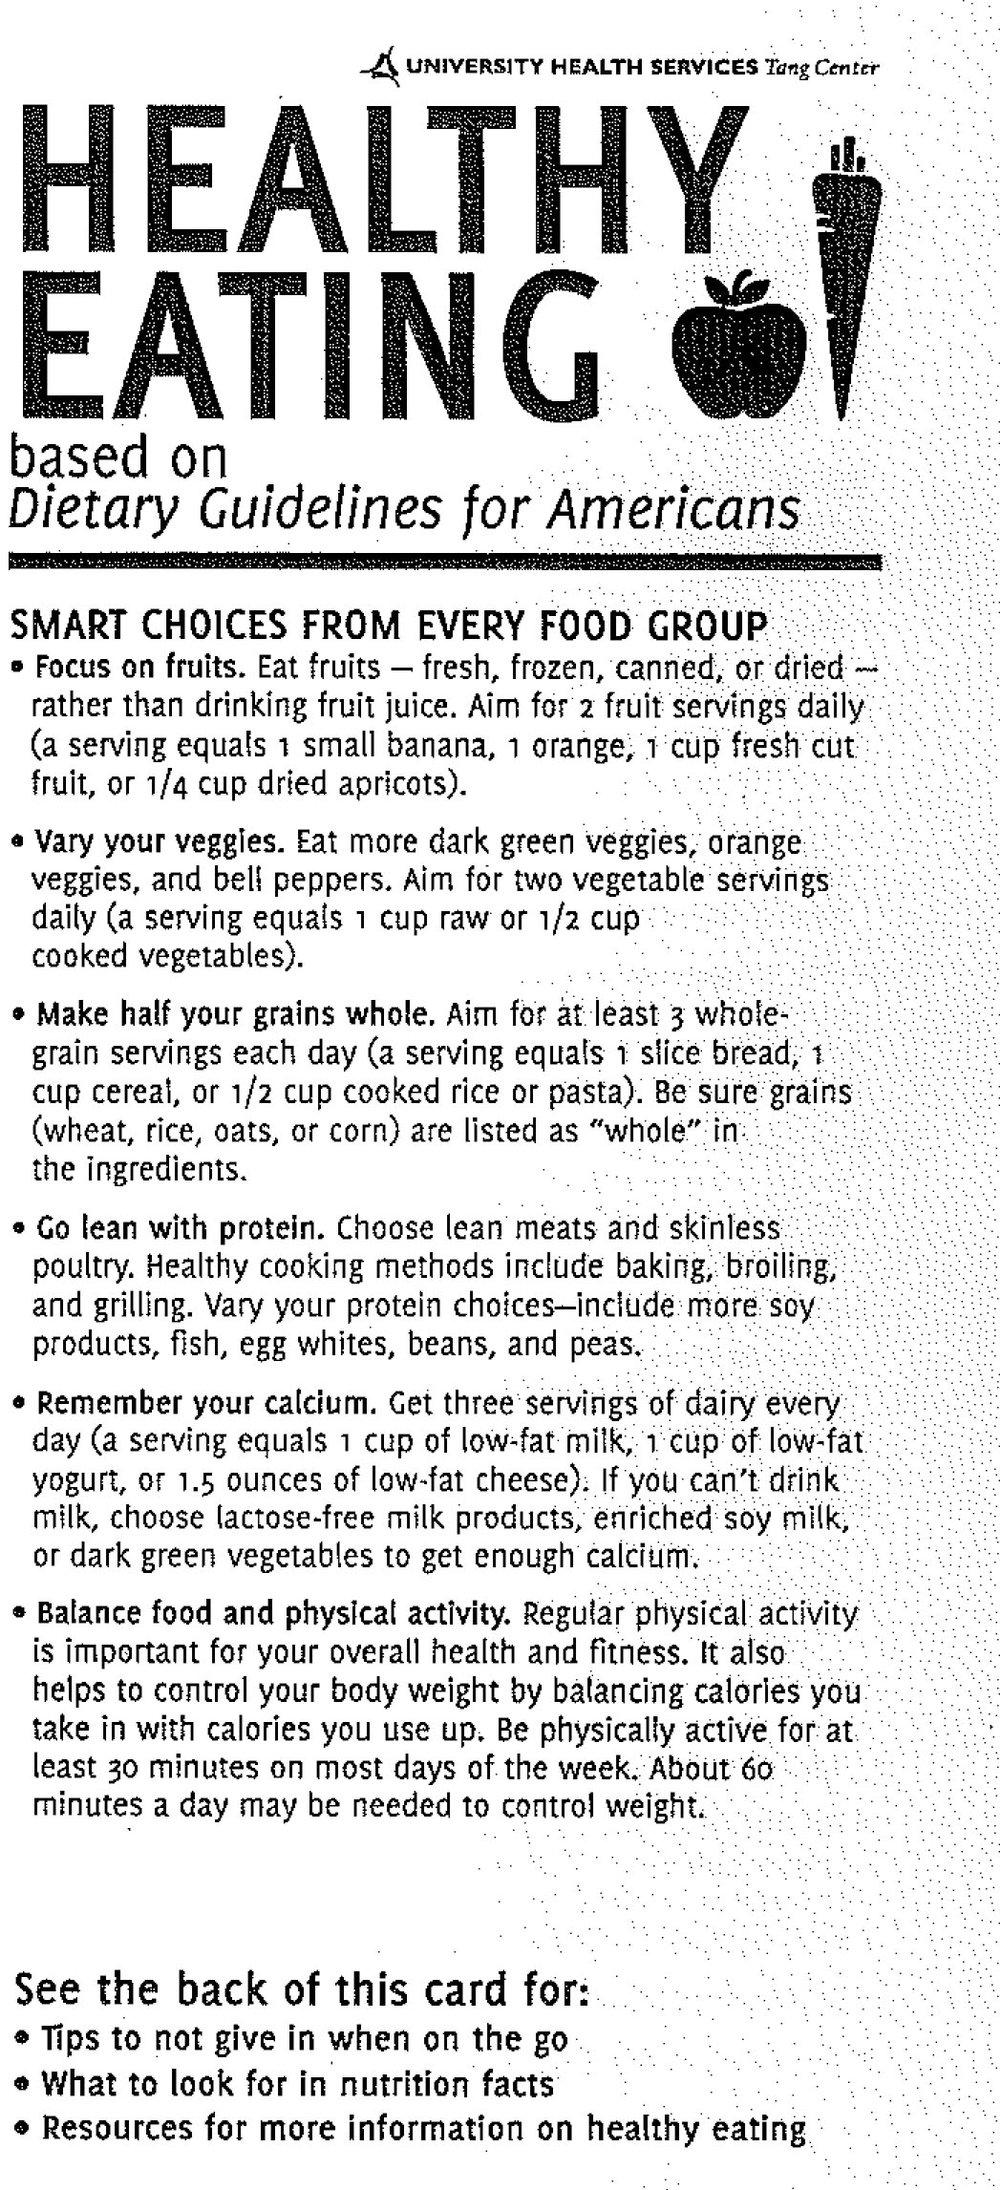 healthyeating1.jpg